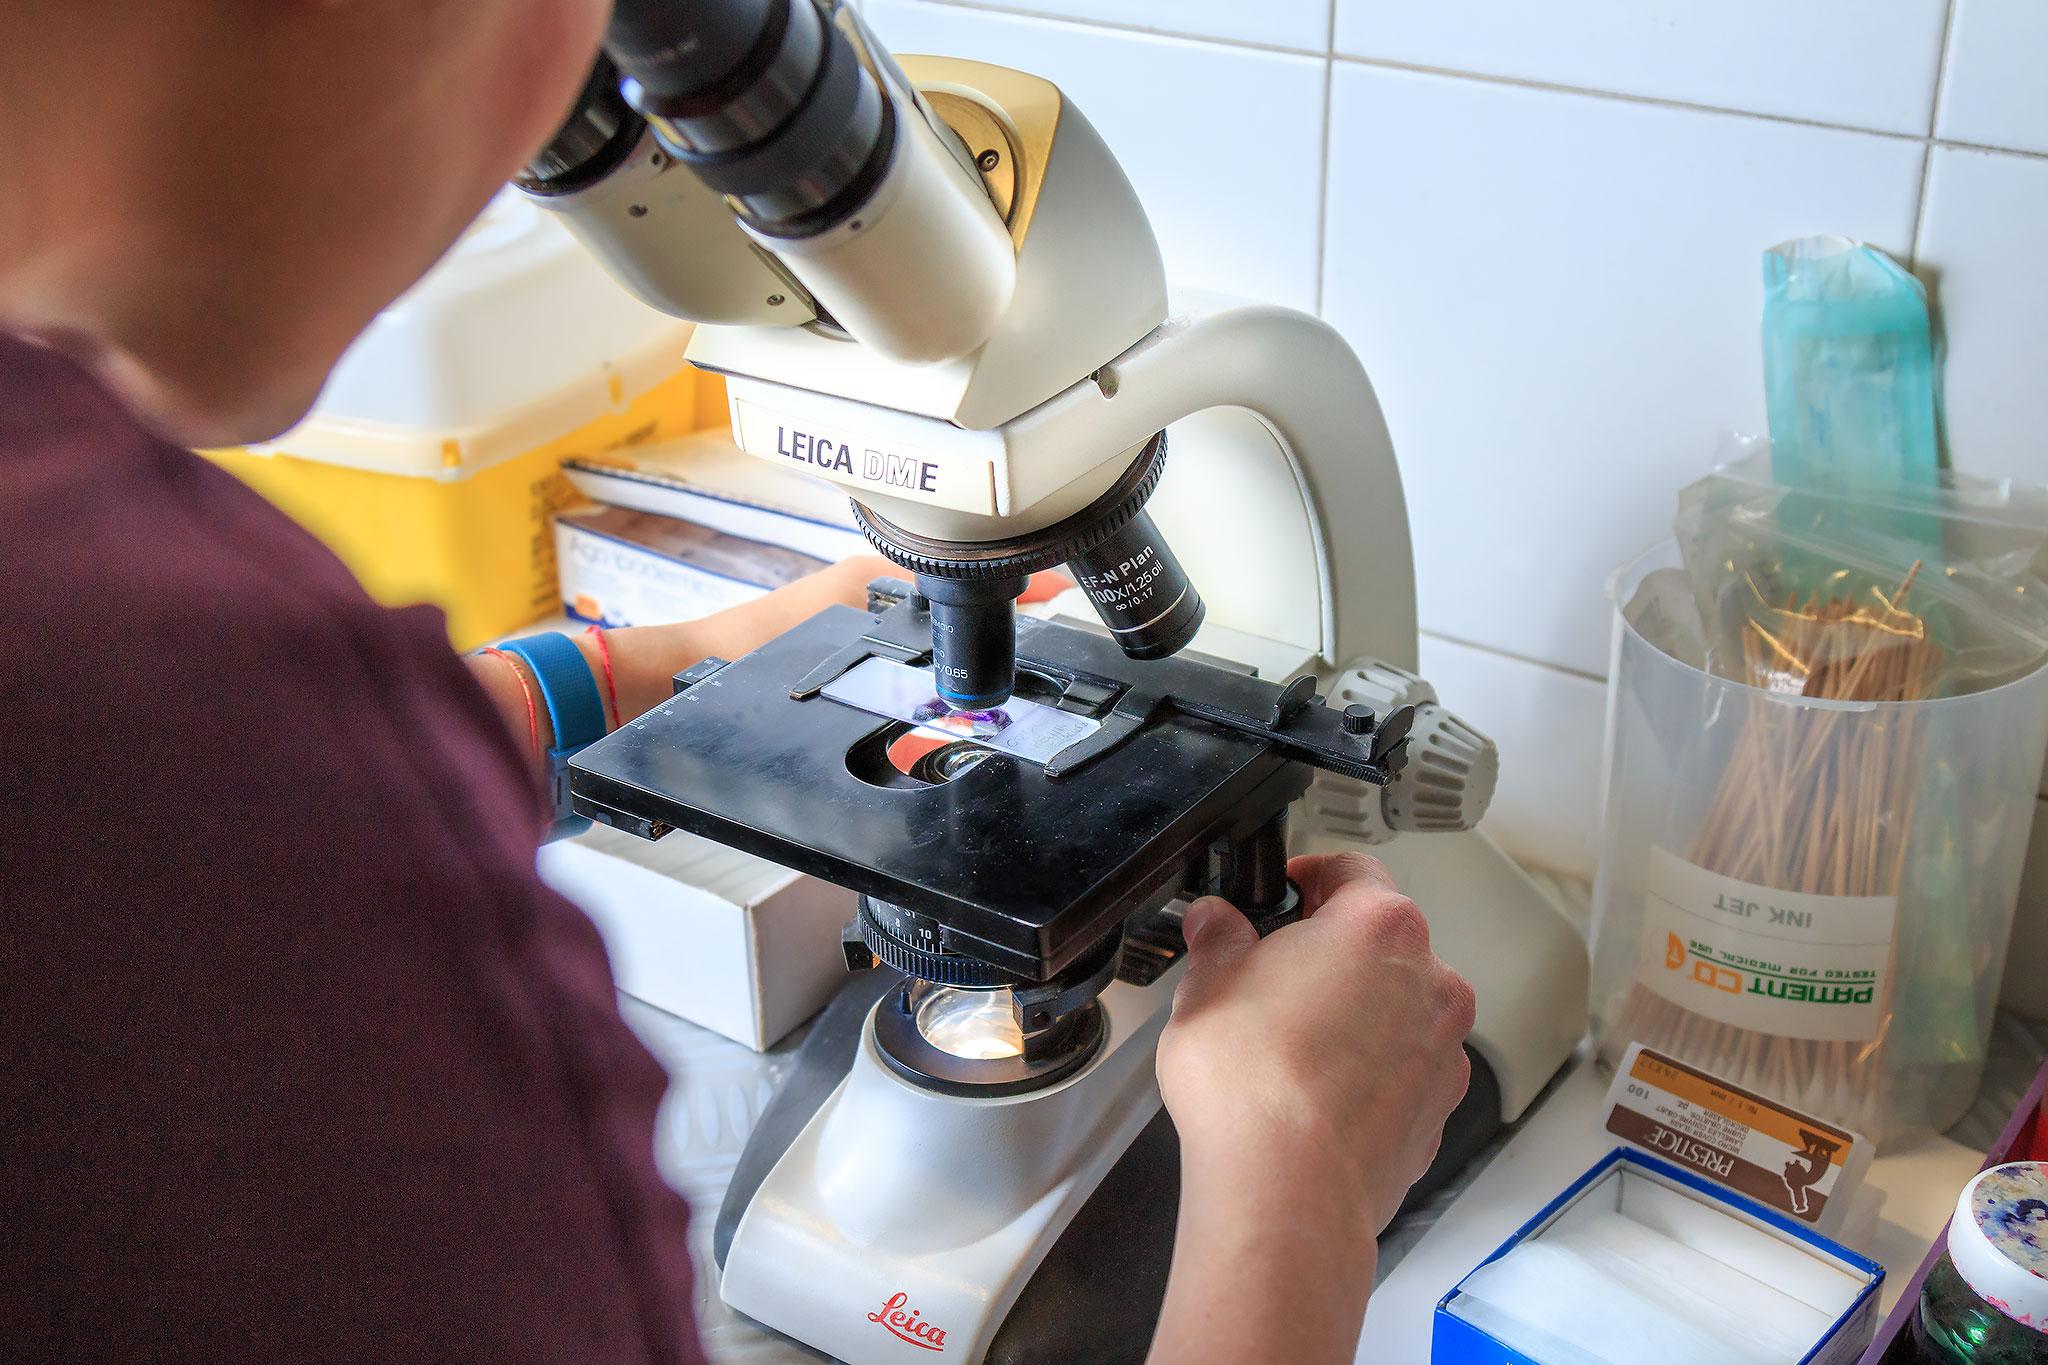 laboratorio analisi veterinarie busto arsizio